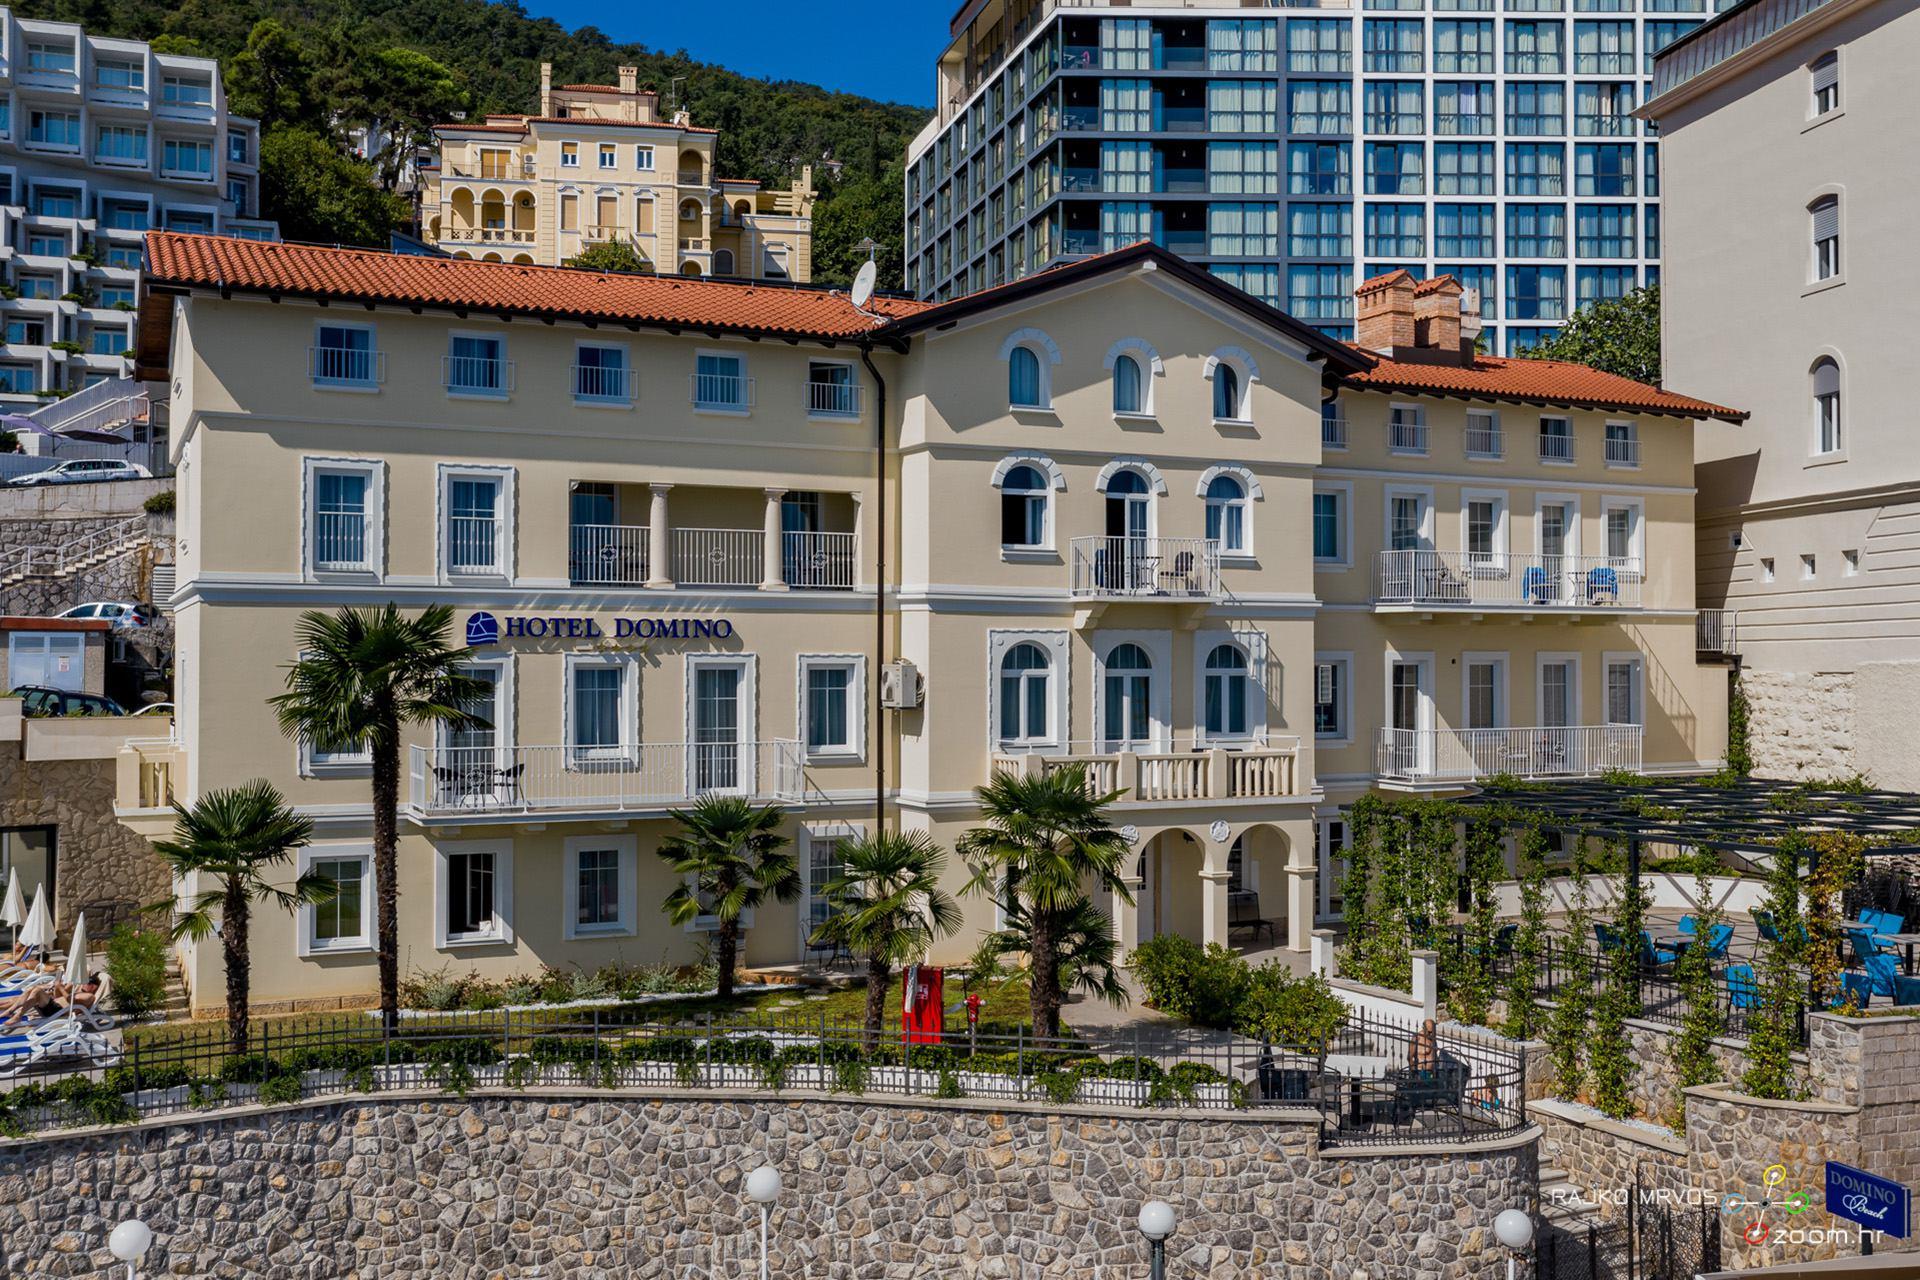 profesionalno-fotografiranje-hotela-fotograf-hotela-Hotel-Domino-Opatija-4